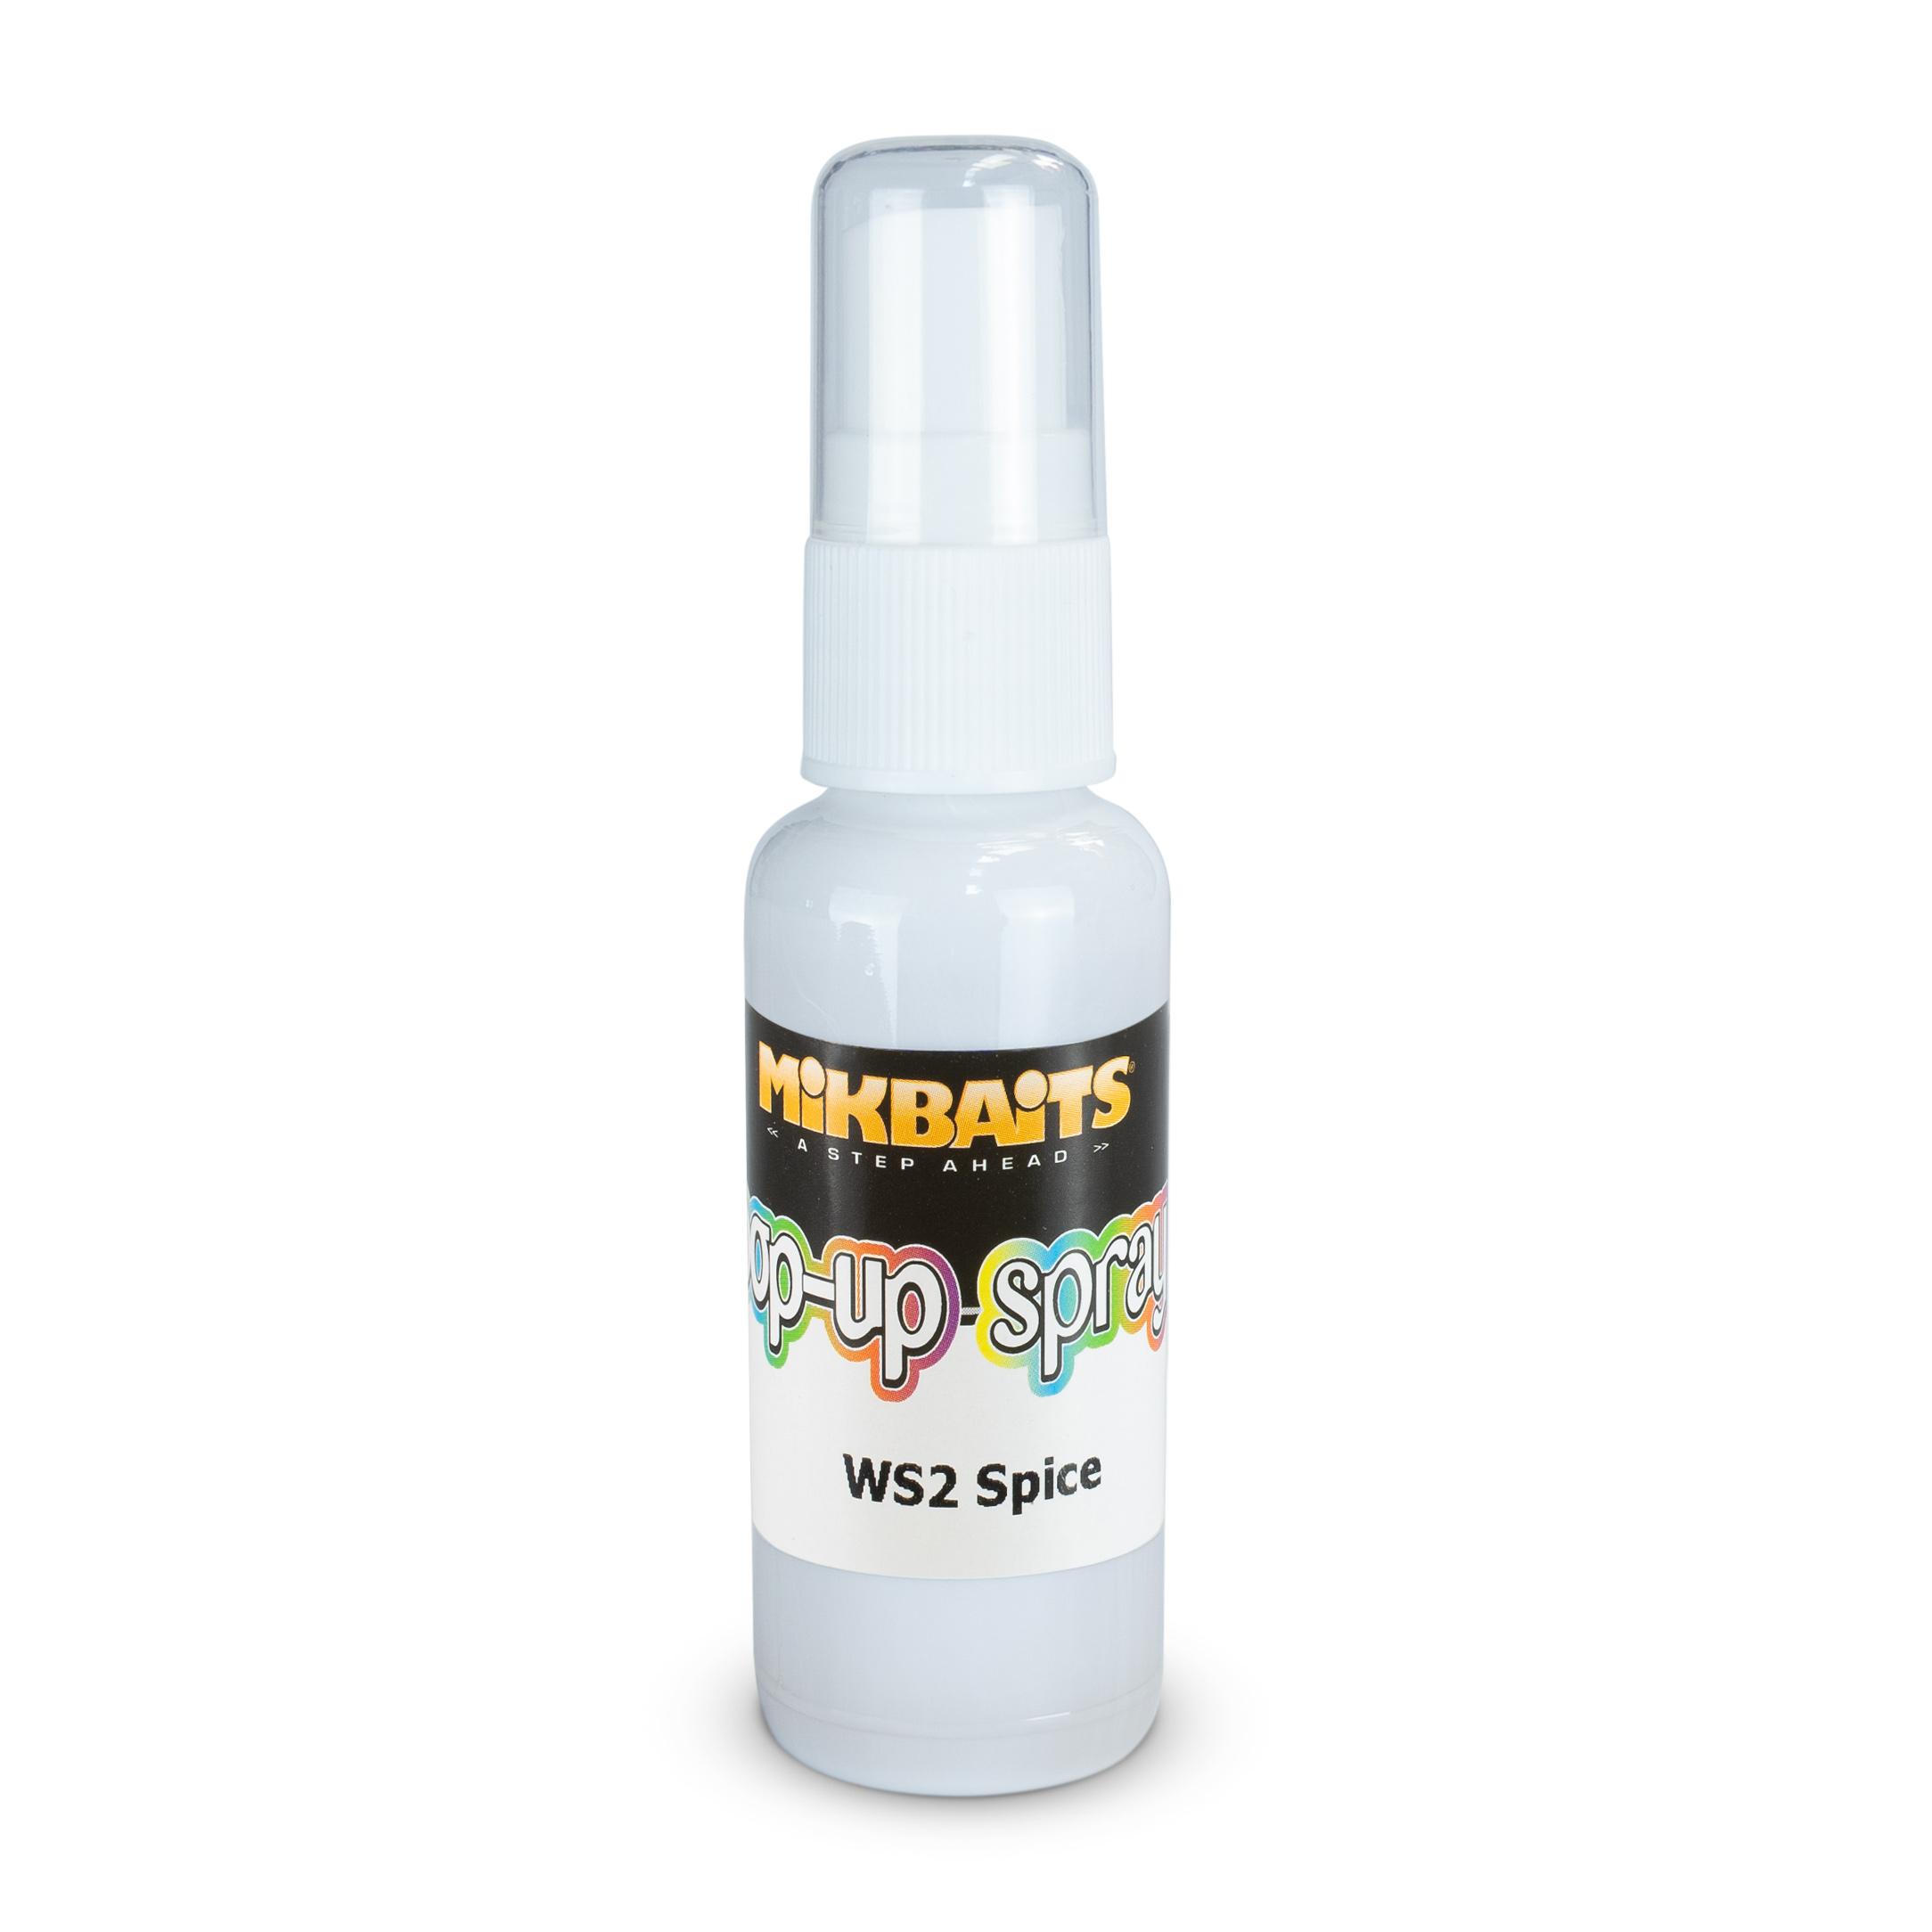 Pop-up spray Mikbaits WS2 Spice 30ml